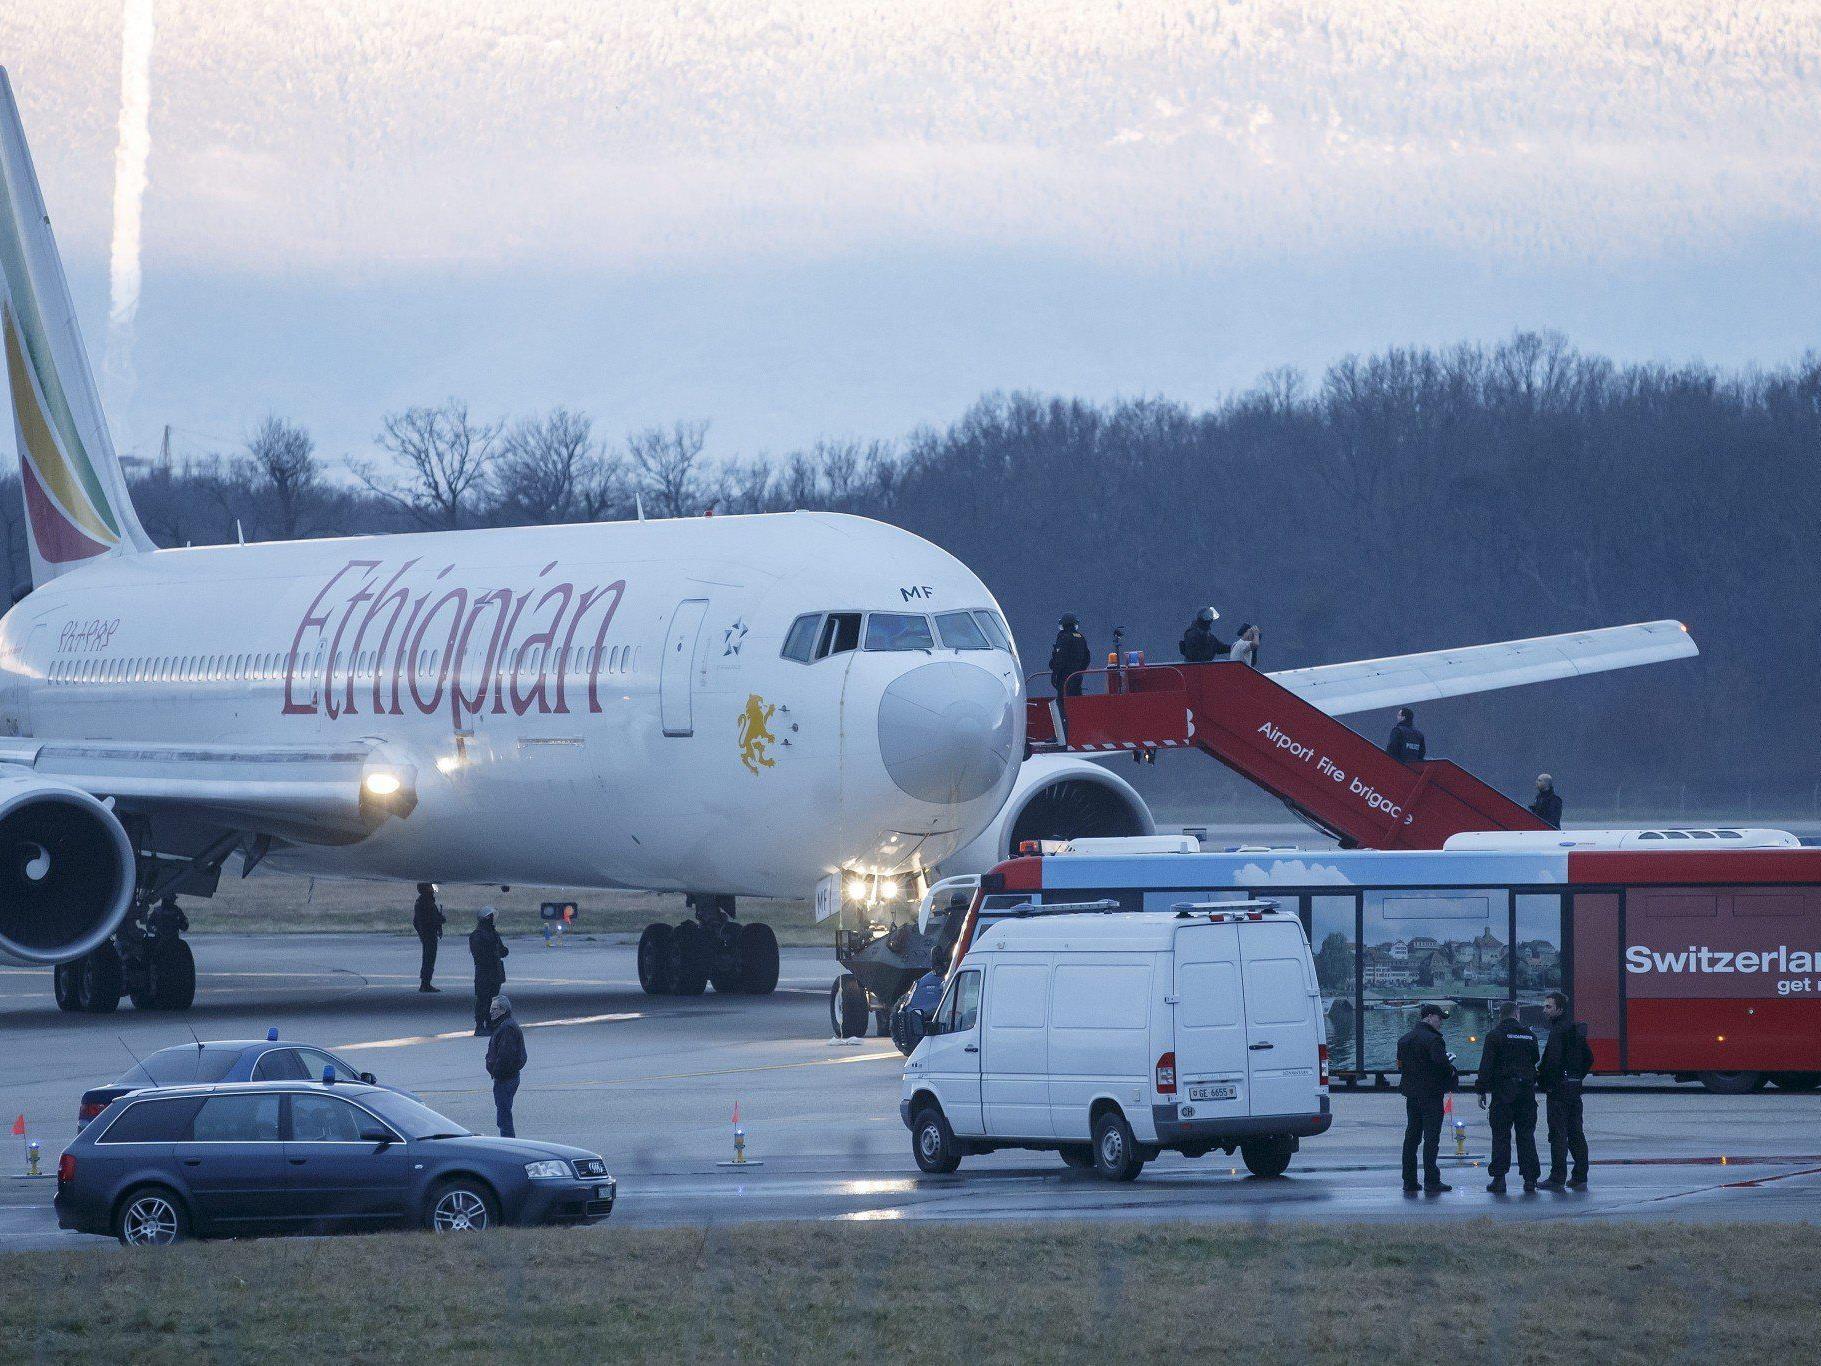 Flugzeug nach Genf entführt und zur Landung gezwungen